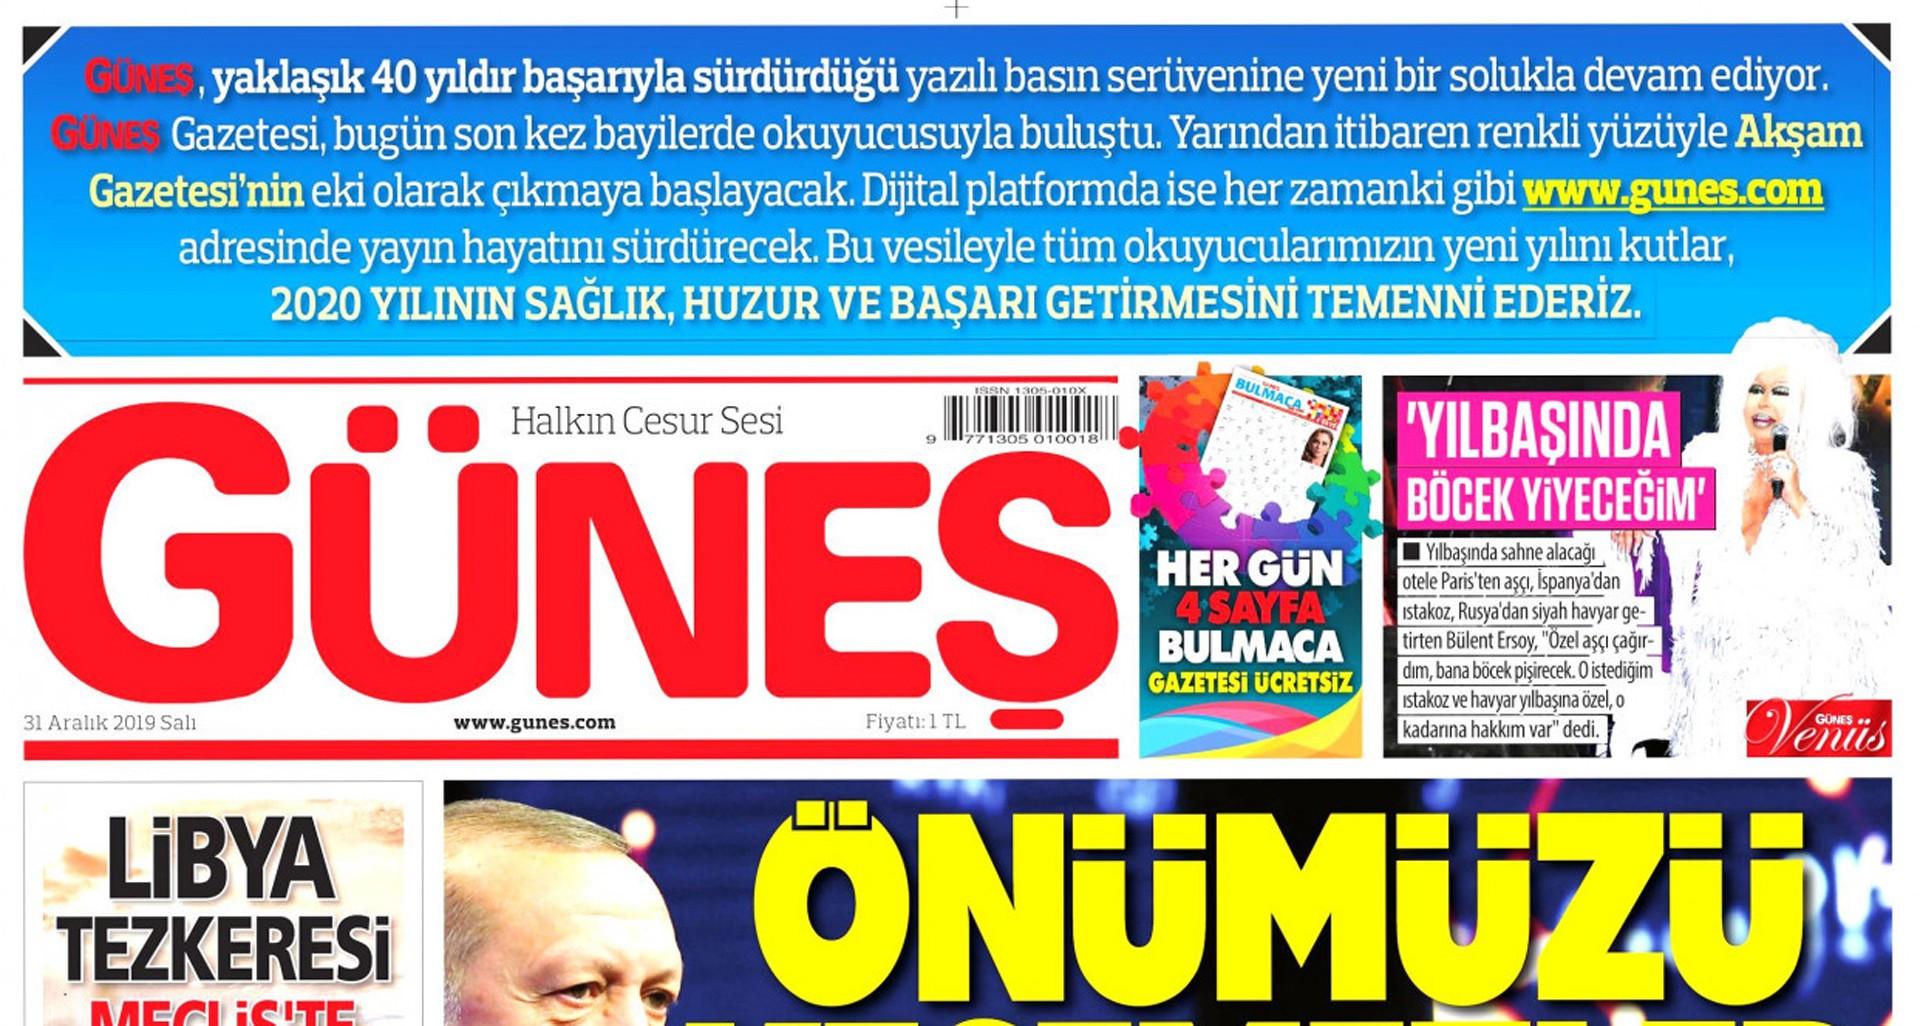 Güneş gazetesinin son sayısının sürmanşeti